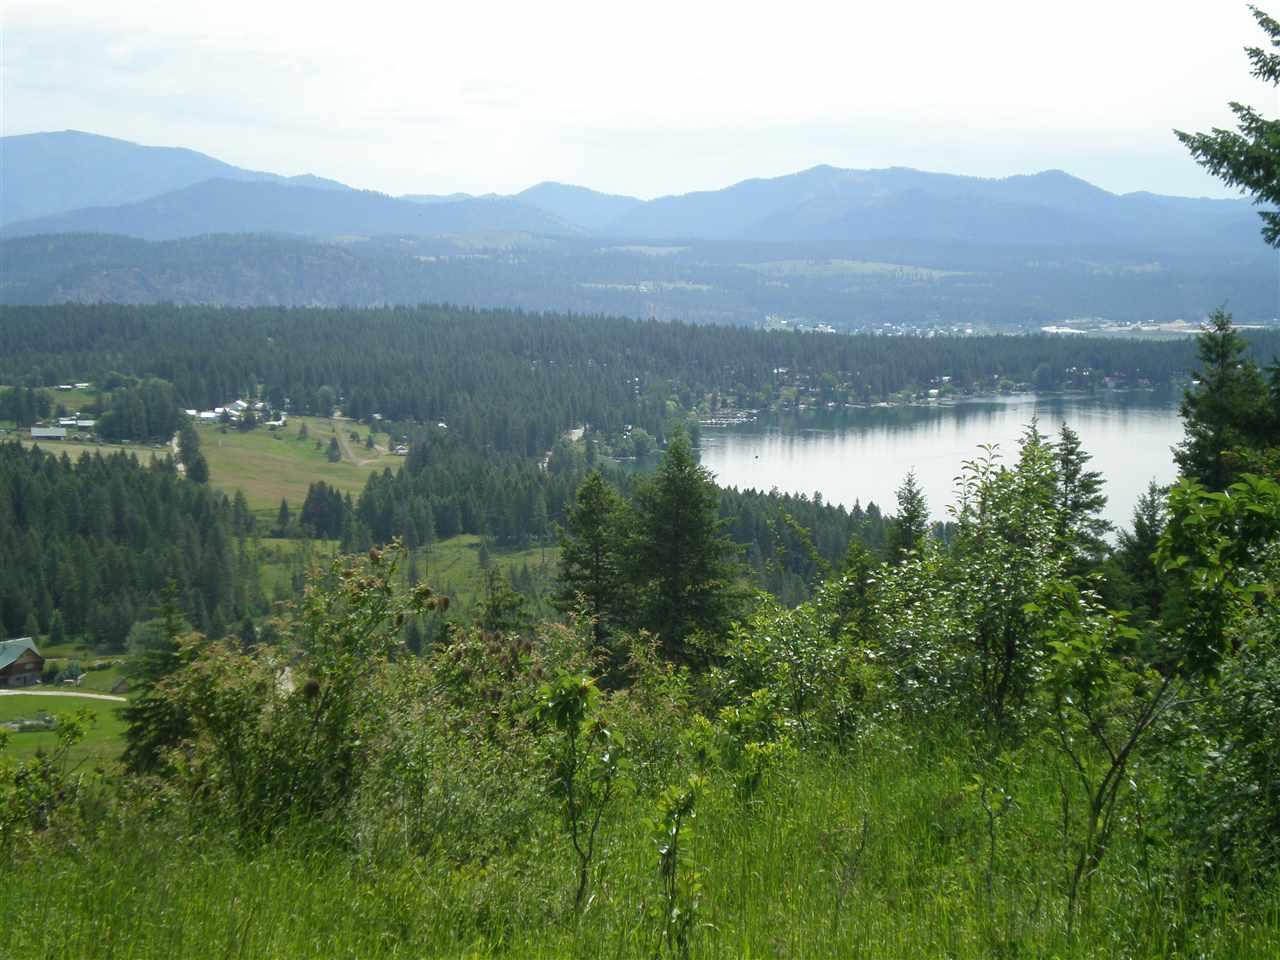 Land for Sale at XXXX Hoag Road XXXX Hoag Road Valley, Washington 99181 United States